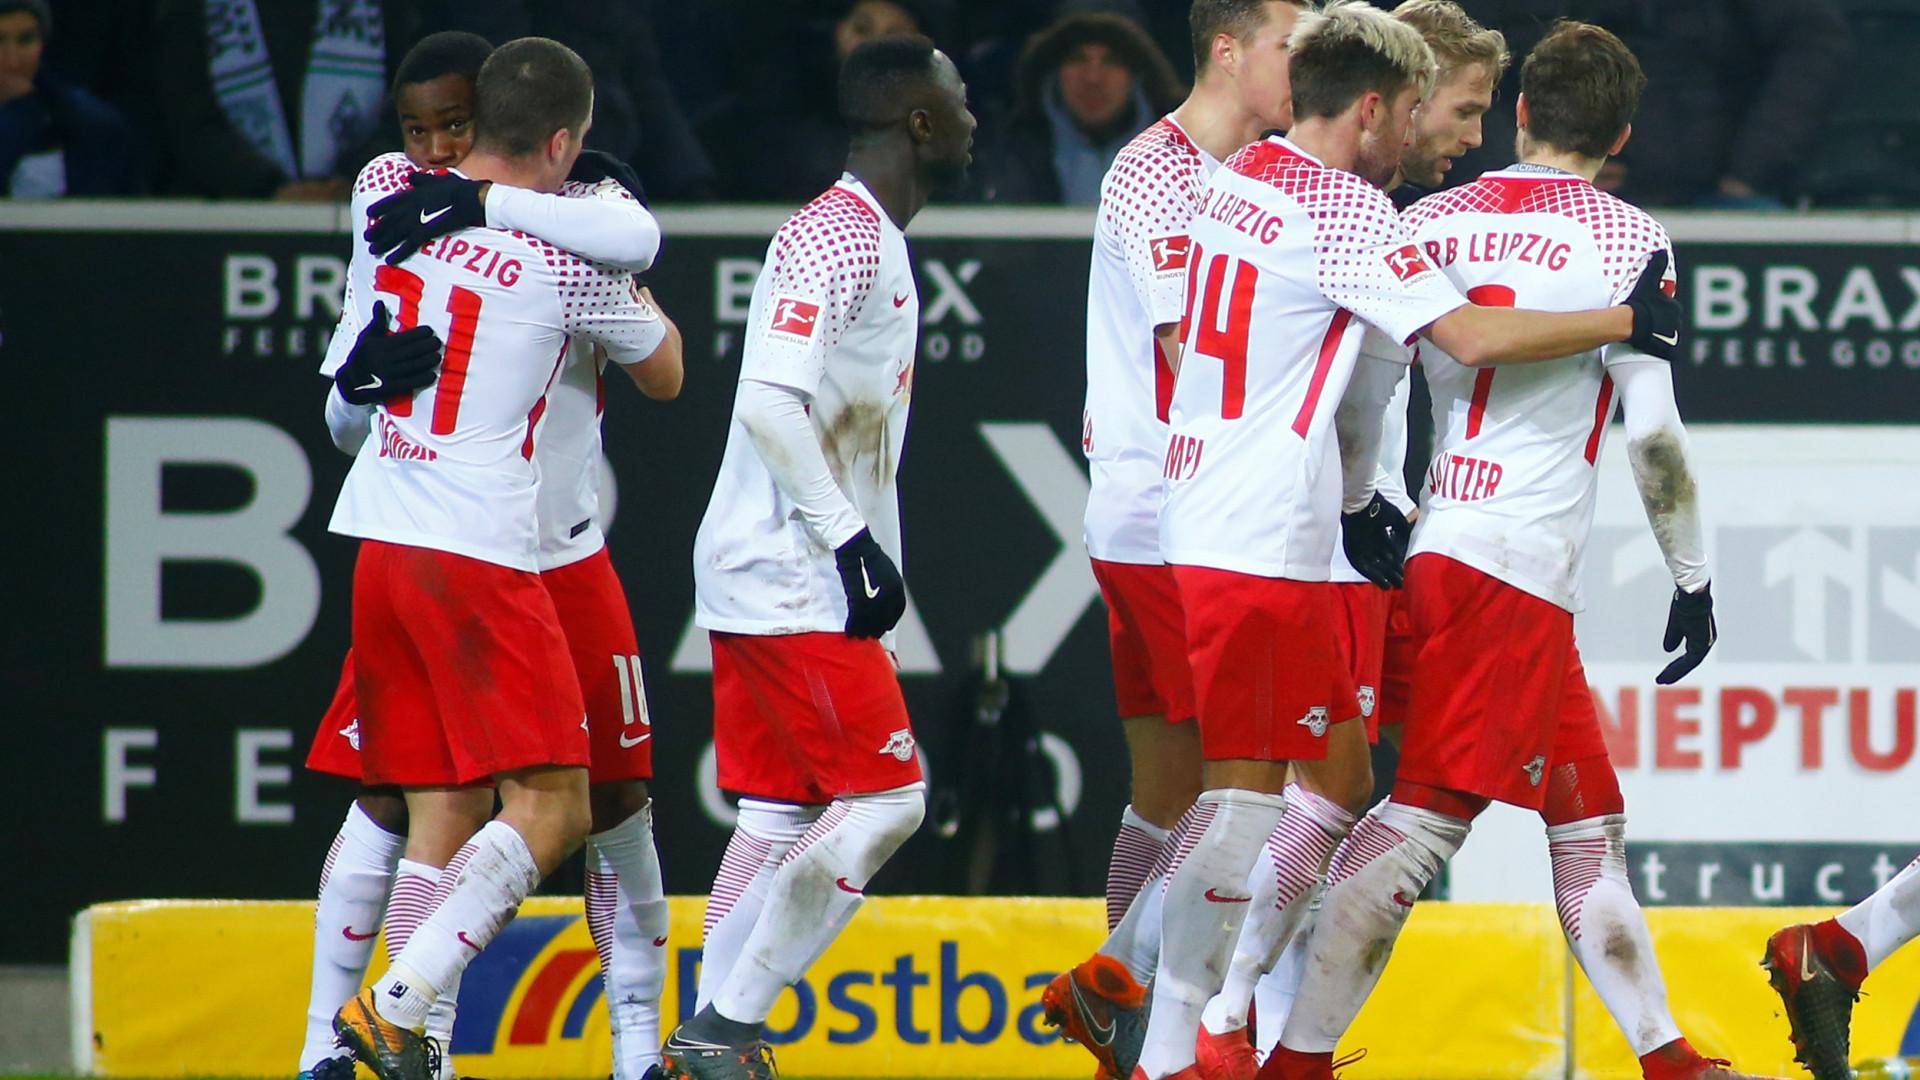 Leipzig vence e sobe ao segundo lugar da Liga alemã